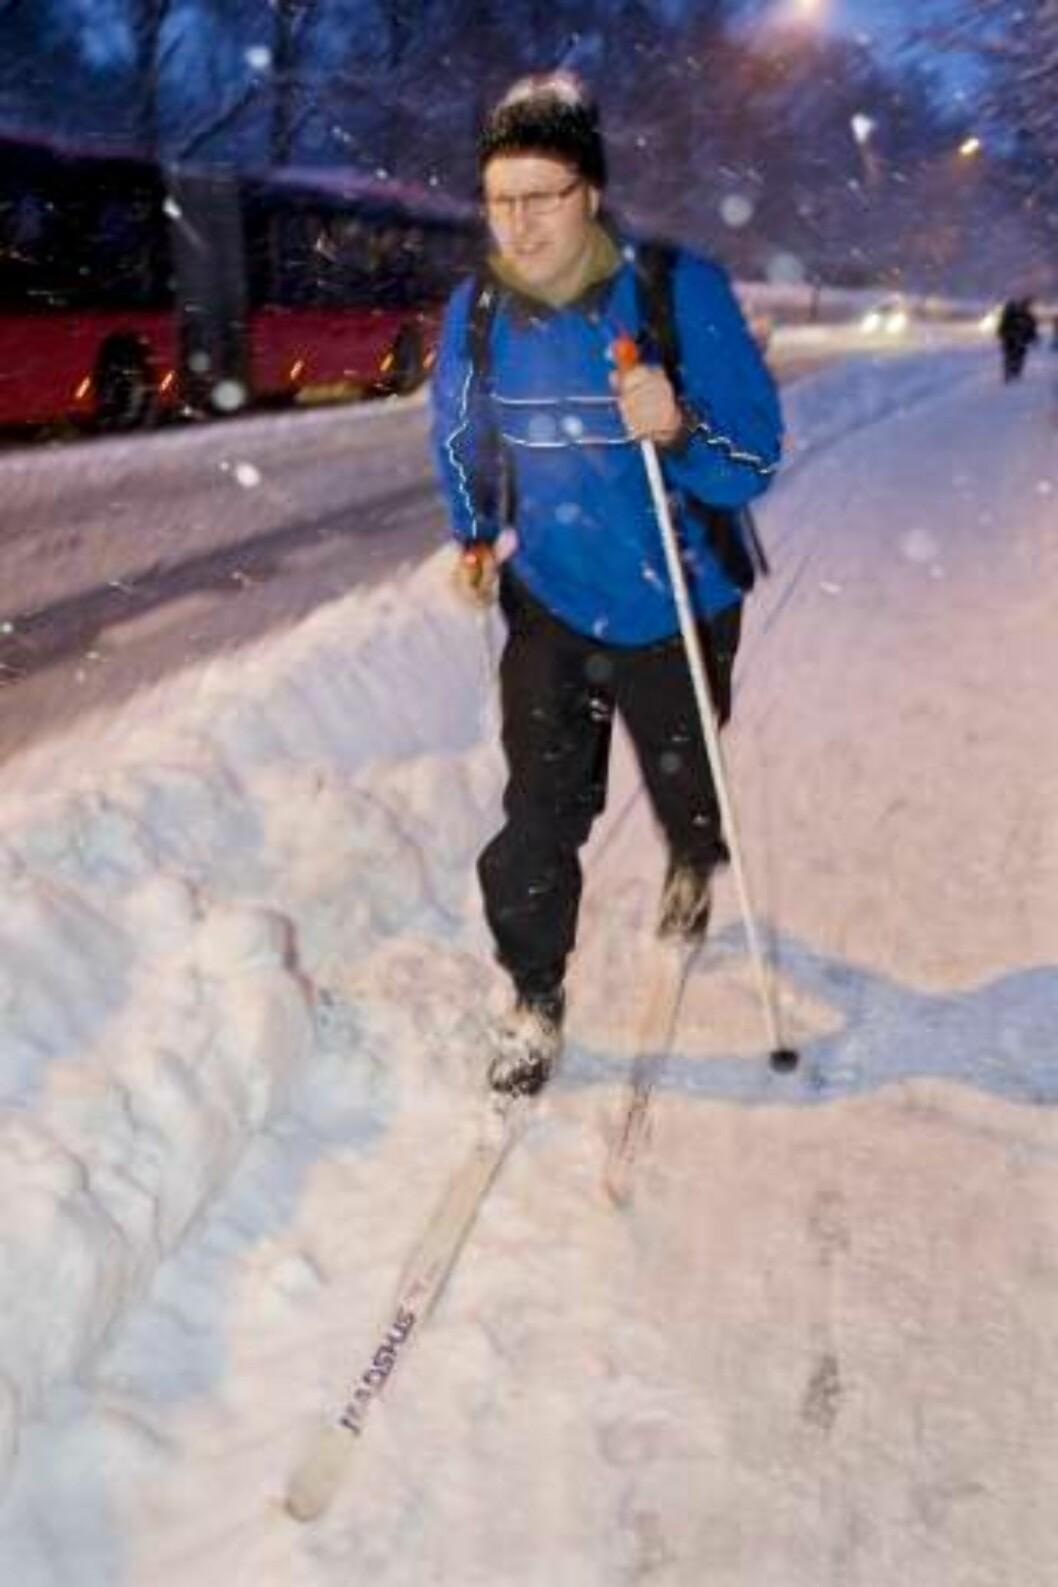 <strong>TOK SKIENE FATT:</strong> Ove Dahle fra Torshov tok skiene fatt for å komme seg på jobb på Frogner i Oslo  mandag morgen.  Det passet best med klassisk stil i bygryta. Foto: Håkon Mosvold Larsen / SCANPIX